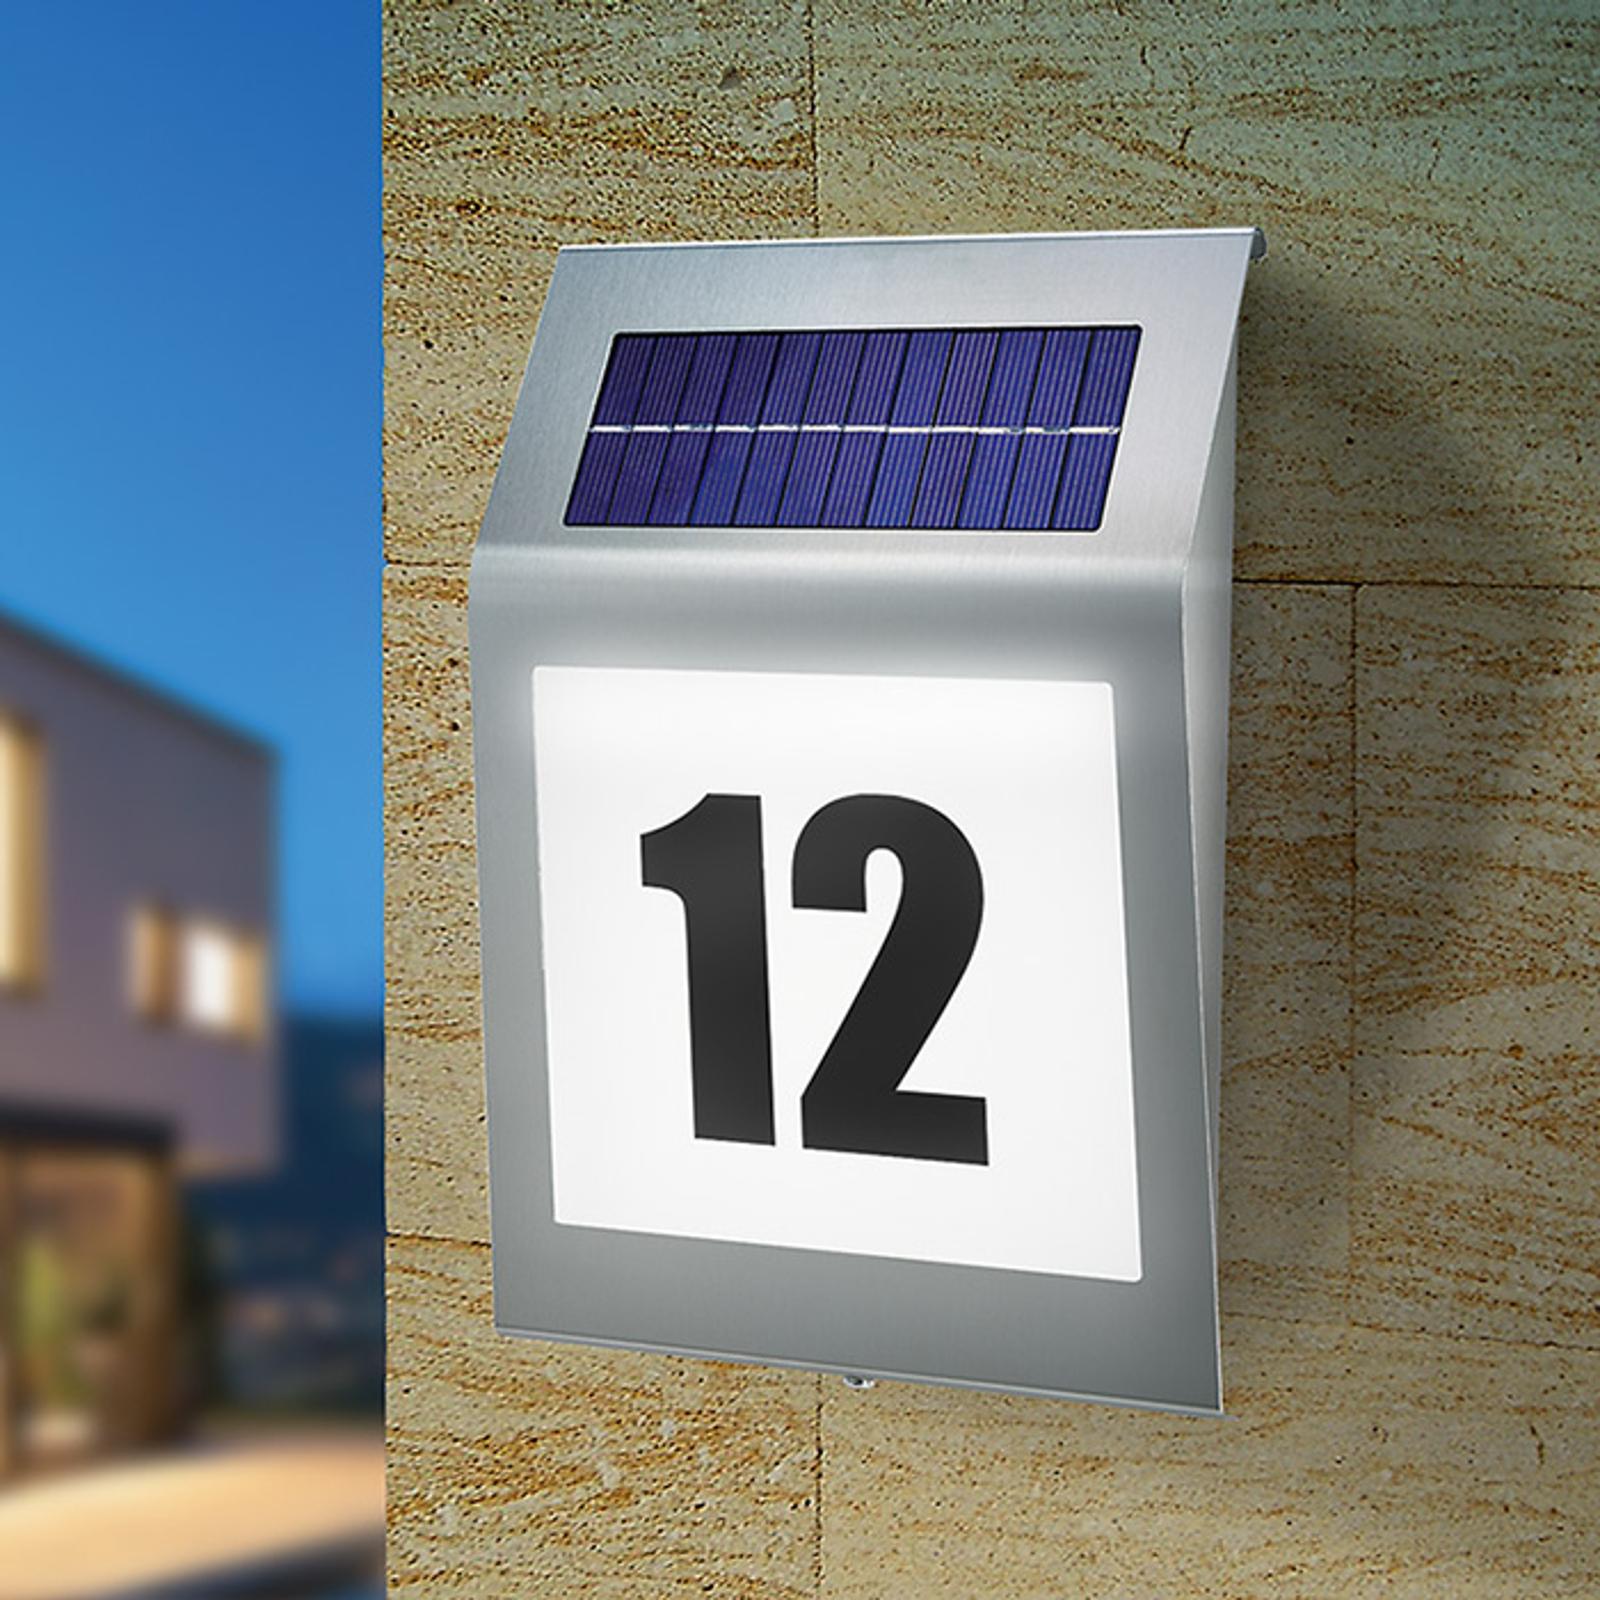 Numéro de maison lumineux solaire au design stylé.